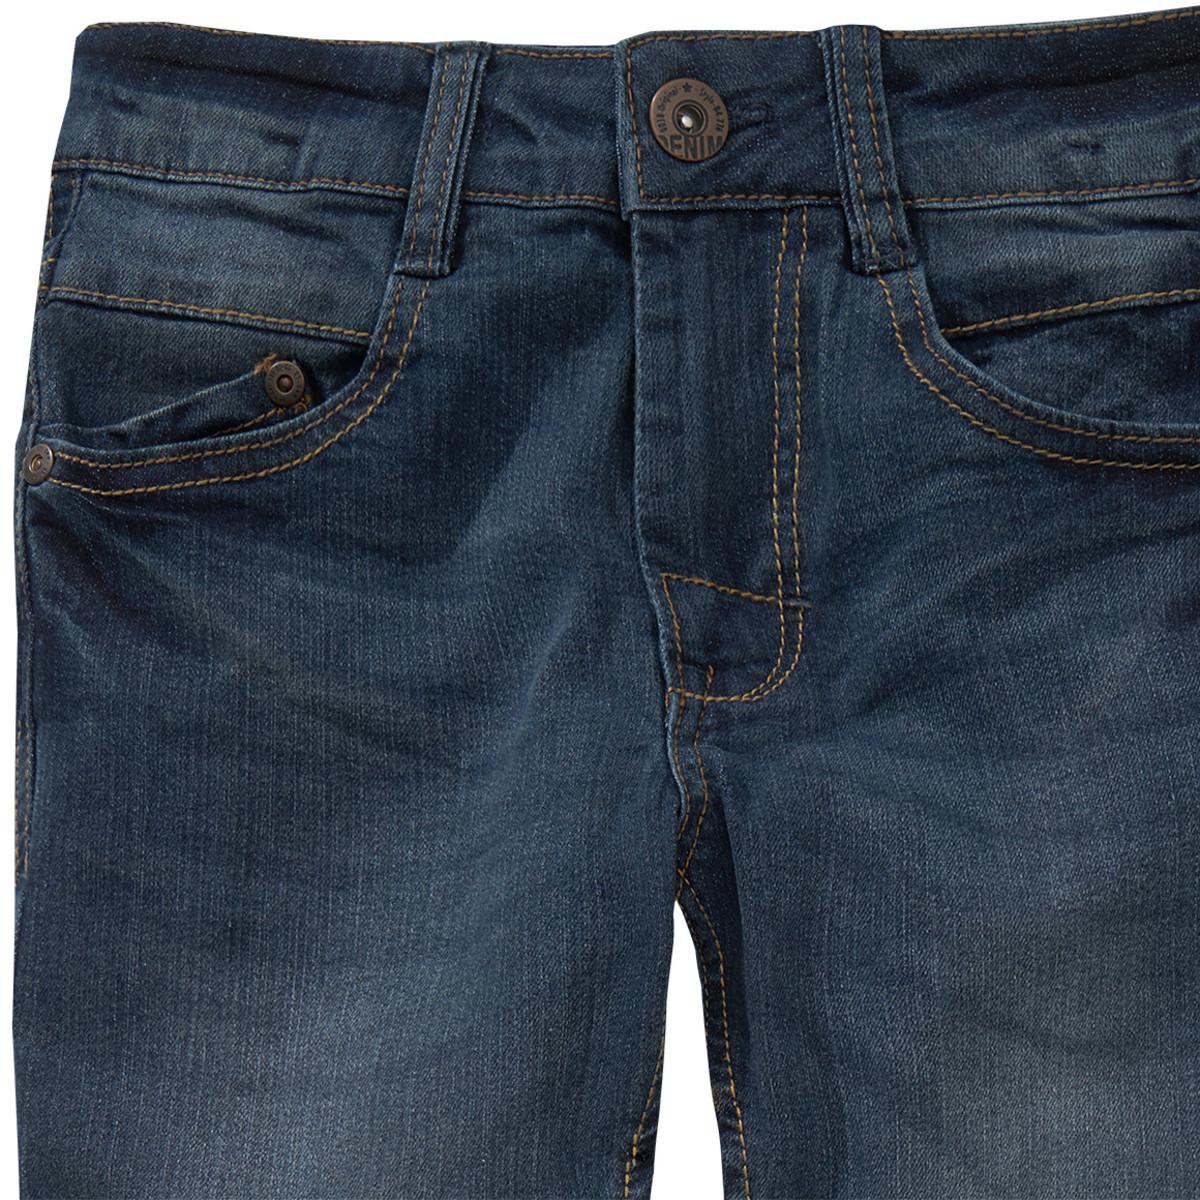 Bild 2 von Jungen Slim-Jeans mit verstellbarem Bund